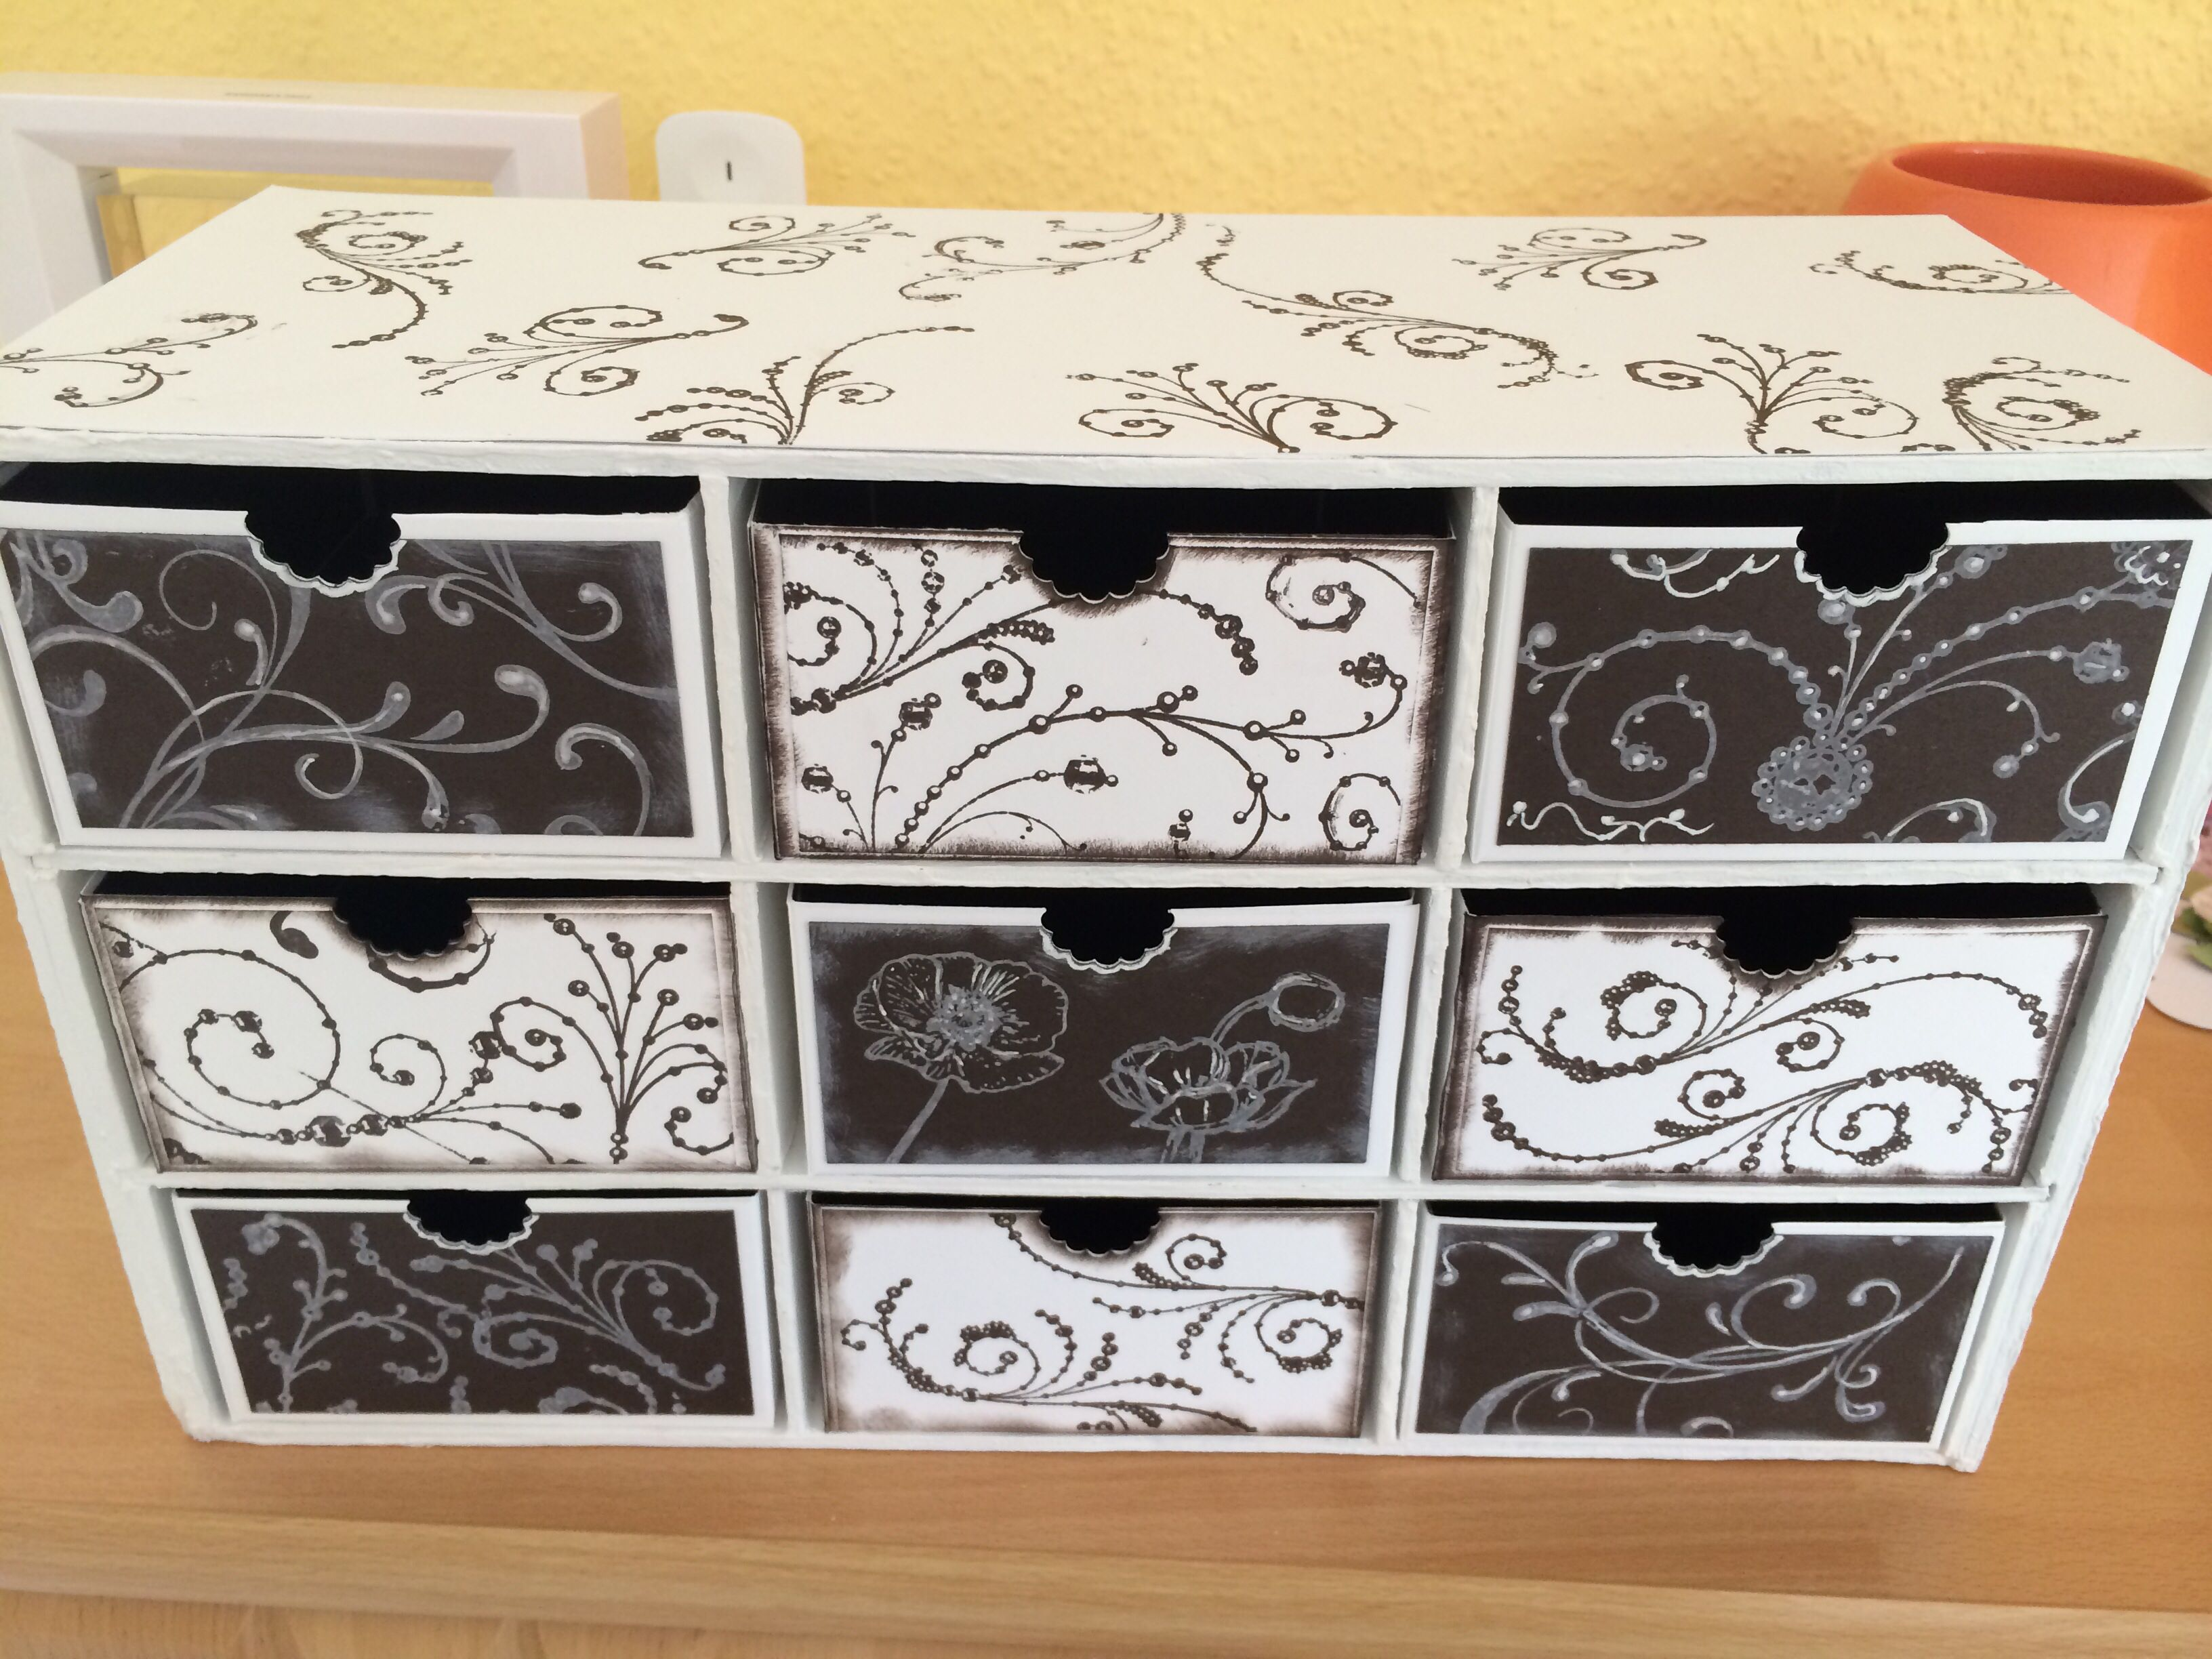 schubladenbox aus graupappe f r meine dekobl mchen verpackungen aufbewahrung pinterest. Black Bedroom Furniture Sets. Home Design Ideas